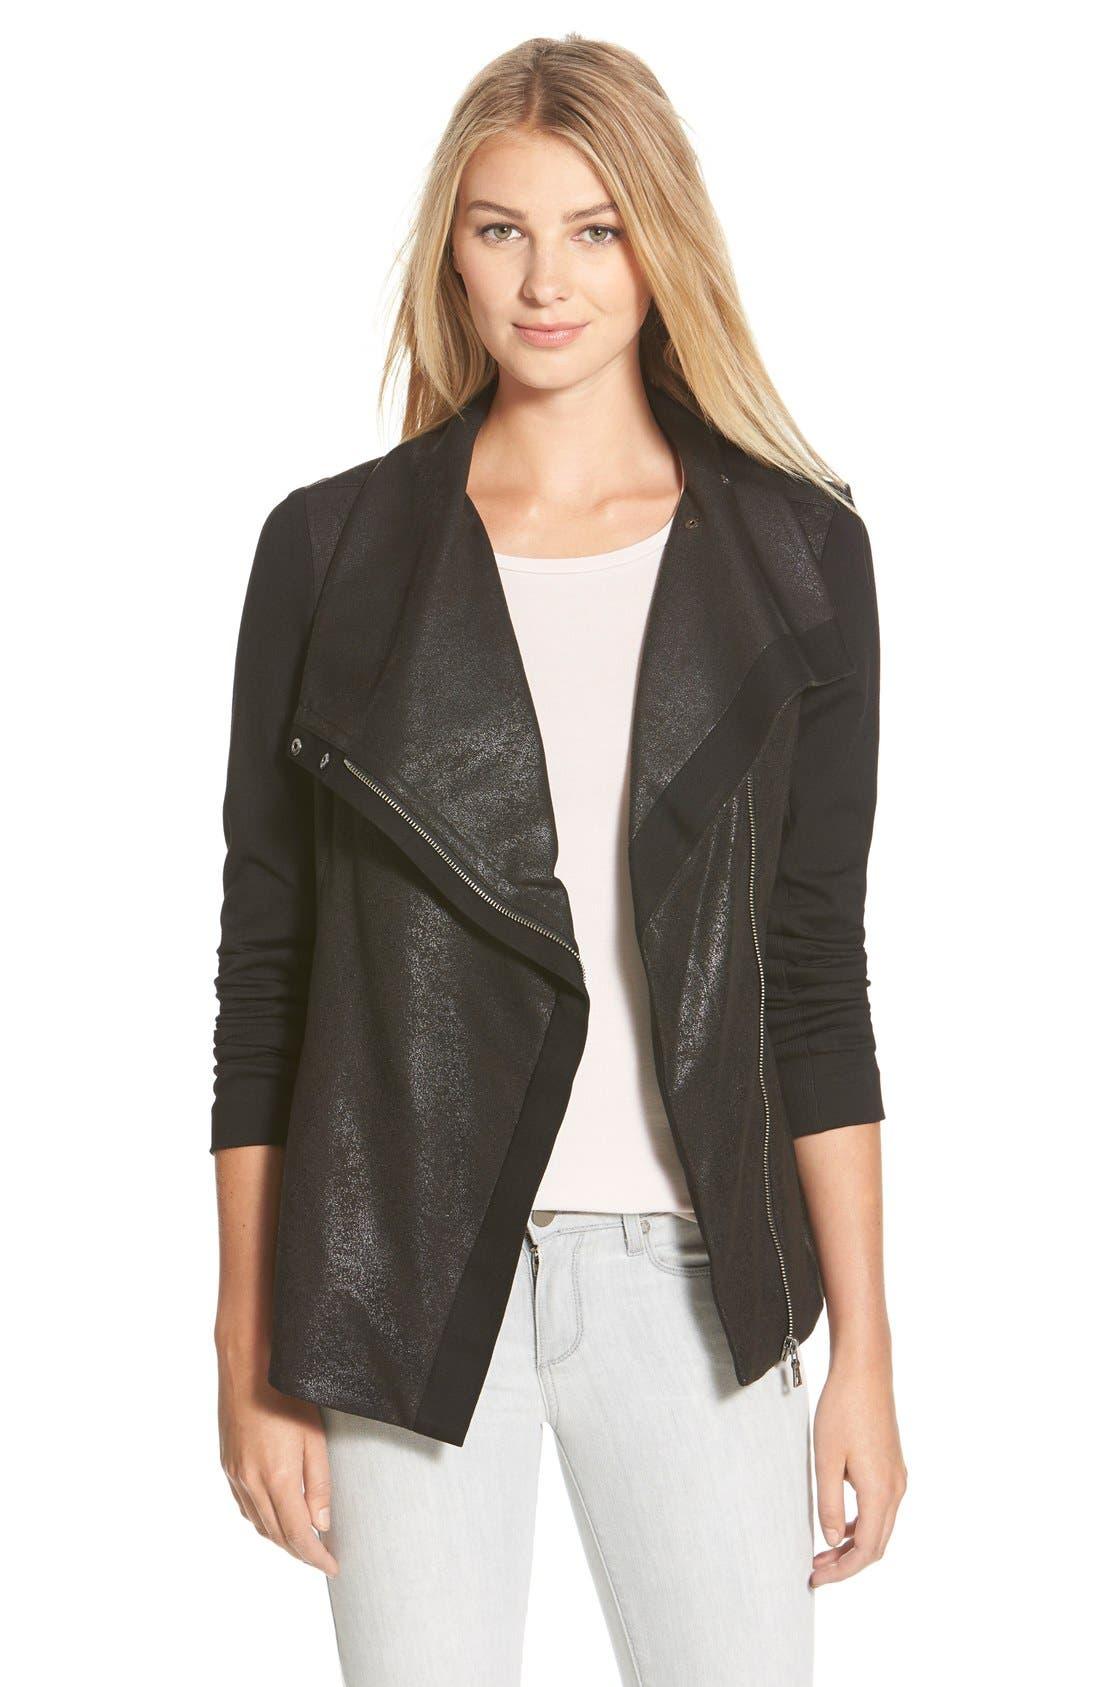 Distressed Foil Ponte Knit Asymmetrical Jacket,                         Main,                         color, Rich Black